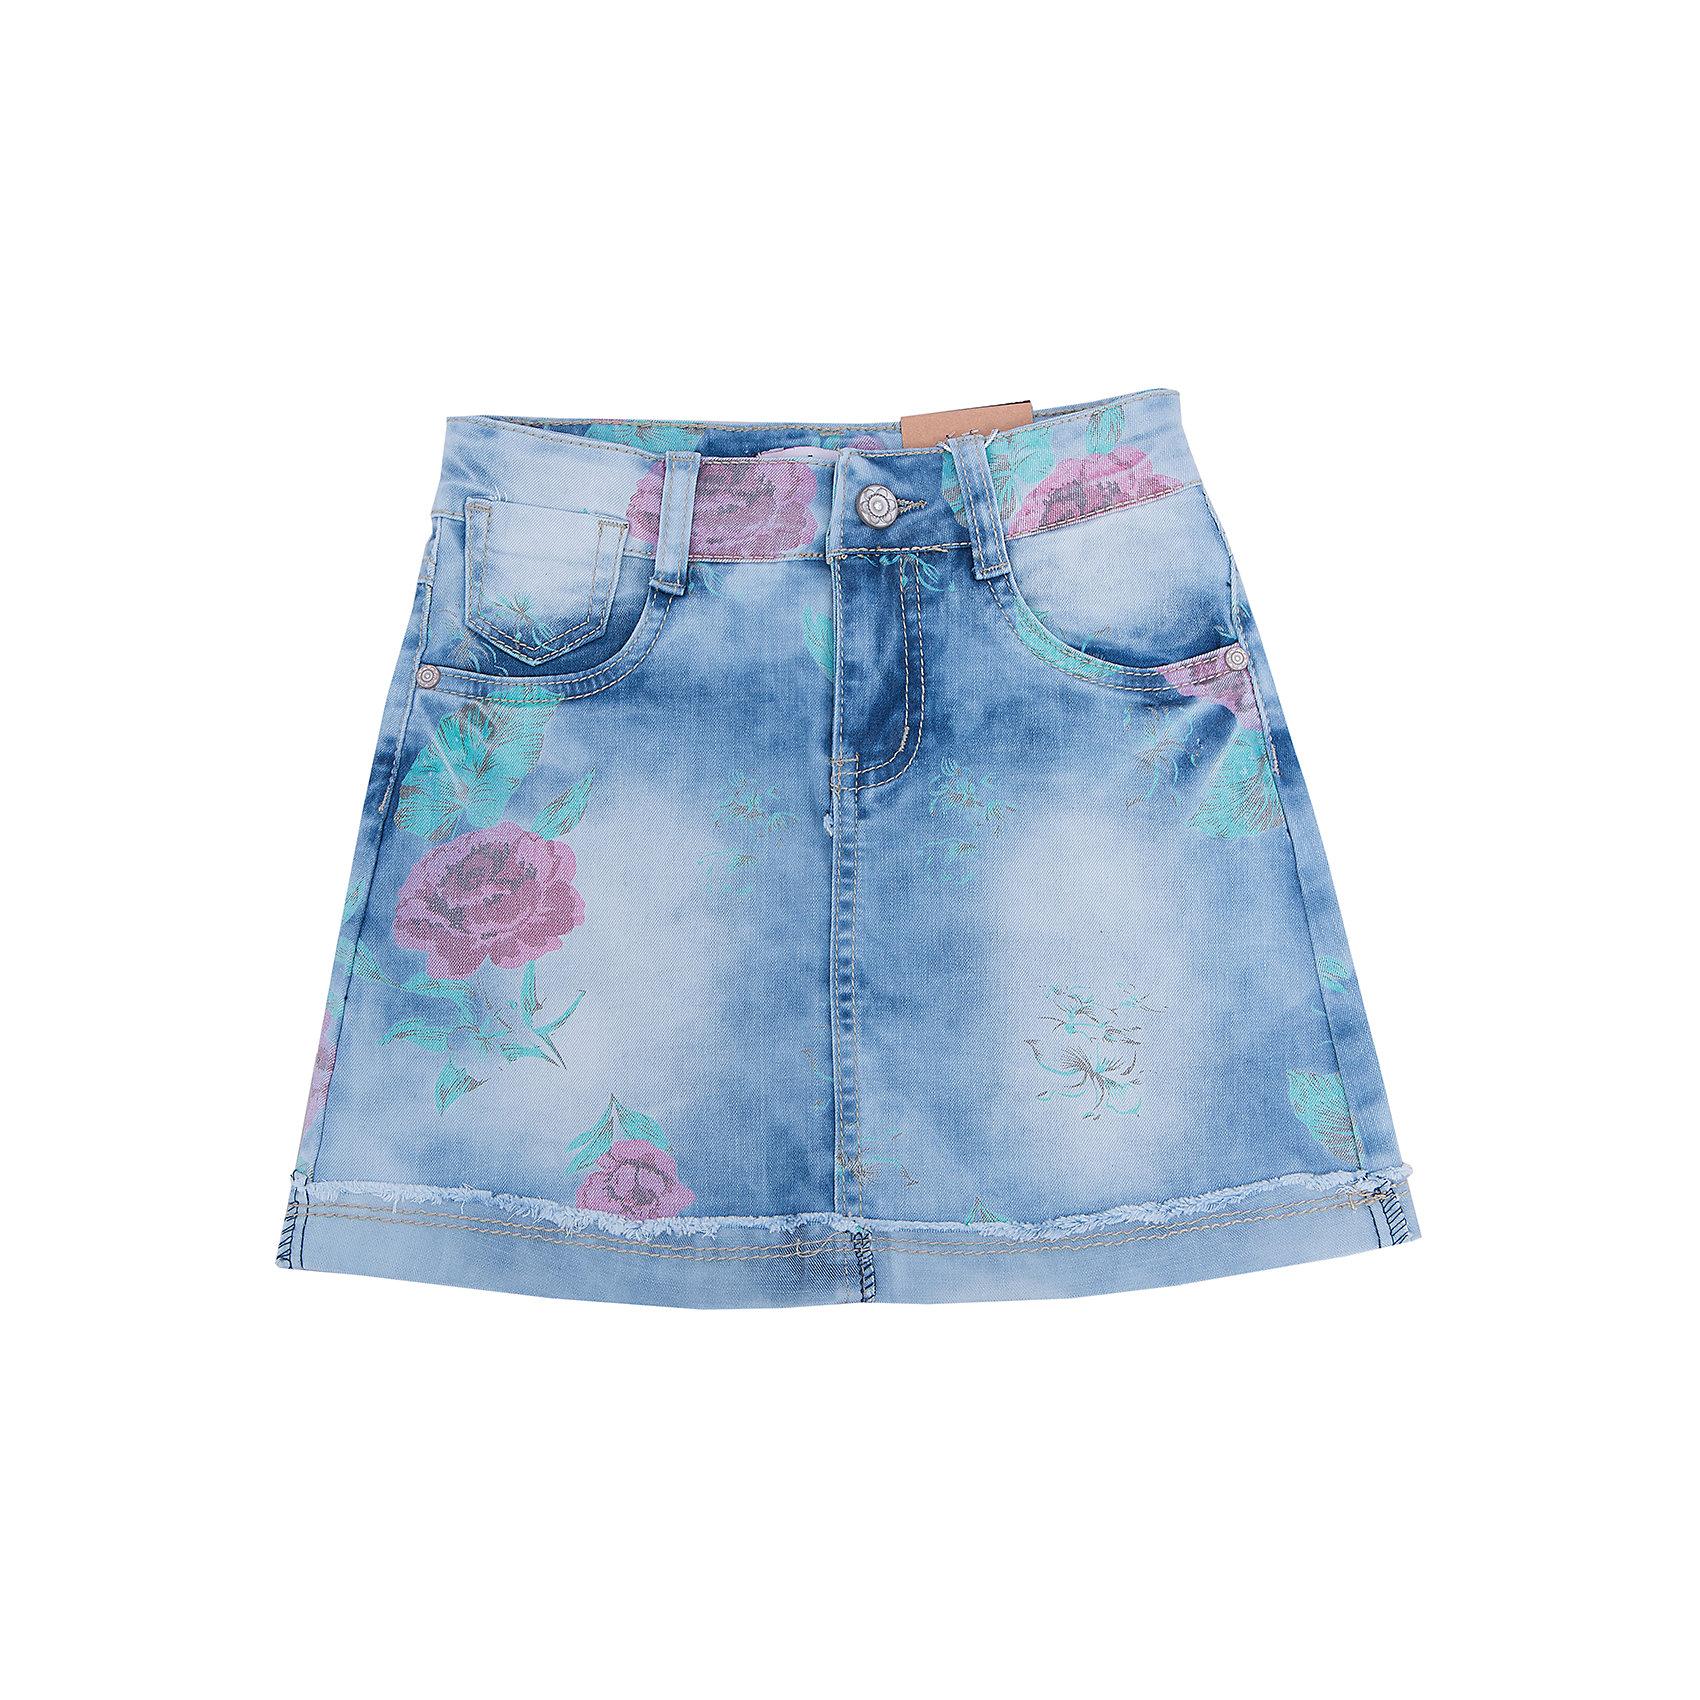 Юбка джинсовая для девочки LuminosoЮбки<br>Джинсовая юбка прямого силуэта с цветочным принтом.  Застежка на пуговицу и молнию. Пояс регулируется  внутренней резинкой на пуговицах.<br>Состав:<br>100% хлопок<br><br>Ширина мм: 207<br>Глубина мм: 10<br>Высота мм: 189<br>Вес г: 183<br>Цвет: голубой<br>Возраст от месяцев: 156<br>Возраст до месяцев: 168<br>Пол: Женский<br>Возраст: Детский<br>Размер: 164,134,140,146,152,158<br>SKU: 4929577